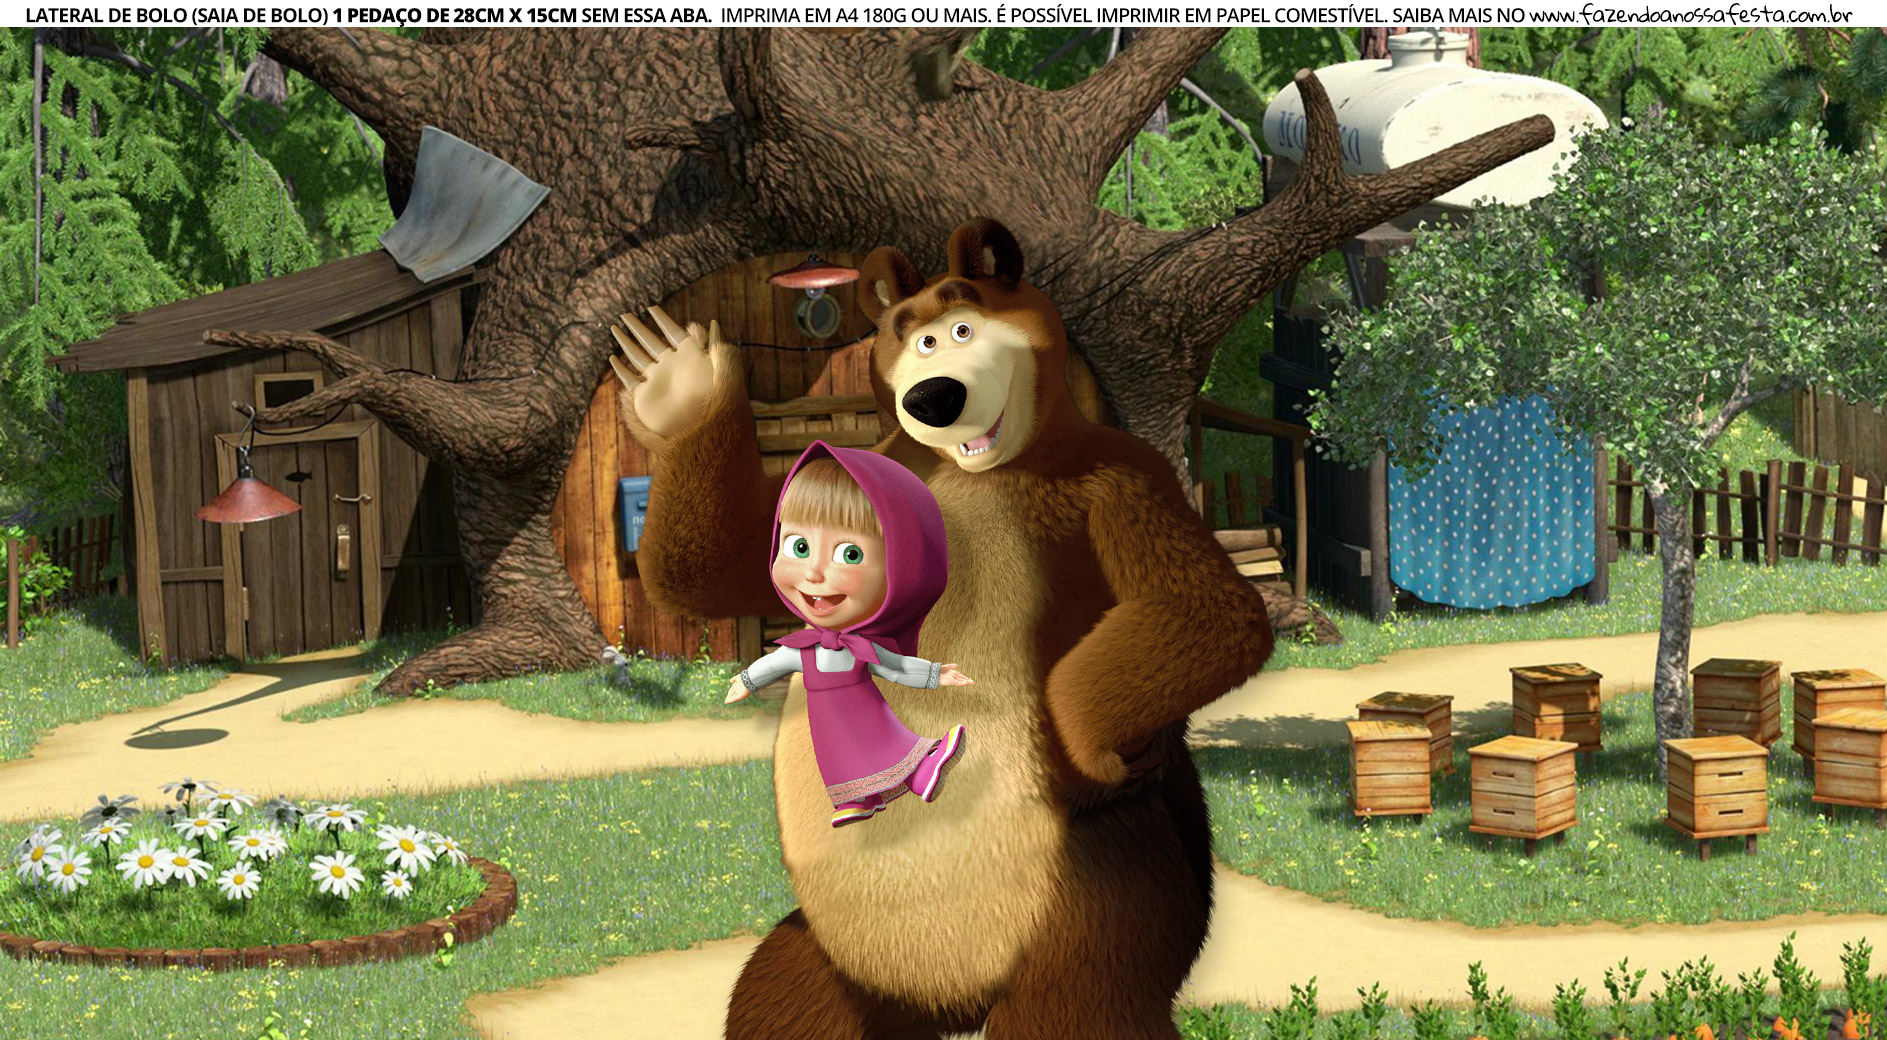 Faixa Lateral para Bolo Masha e o Urso 6